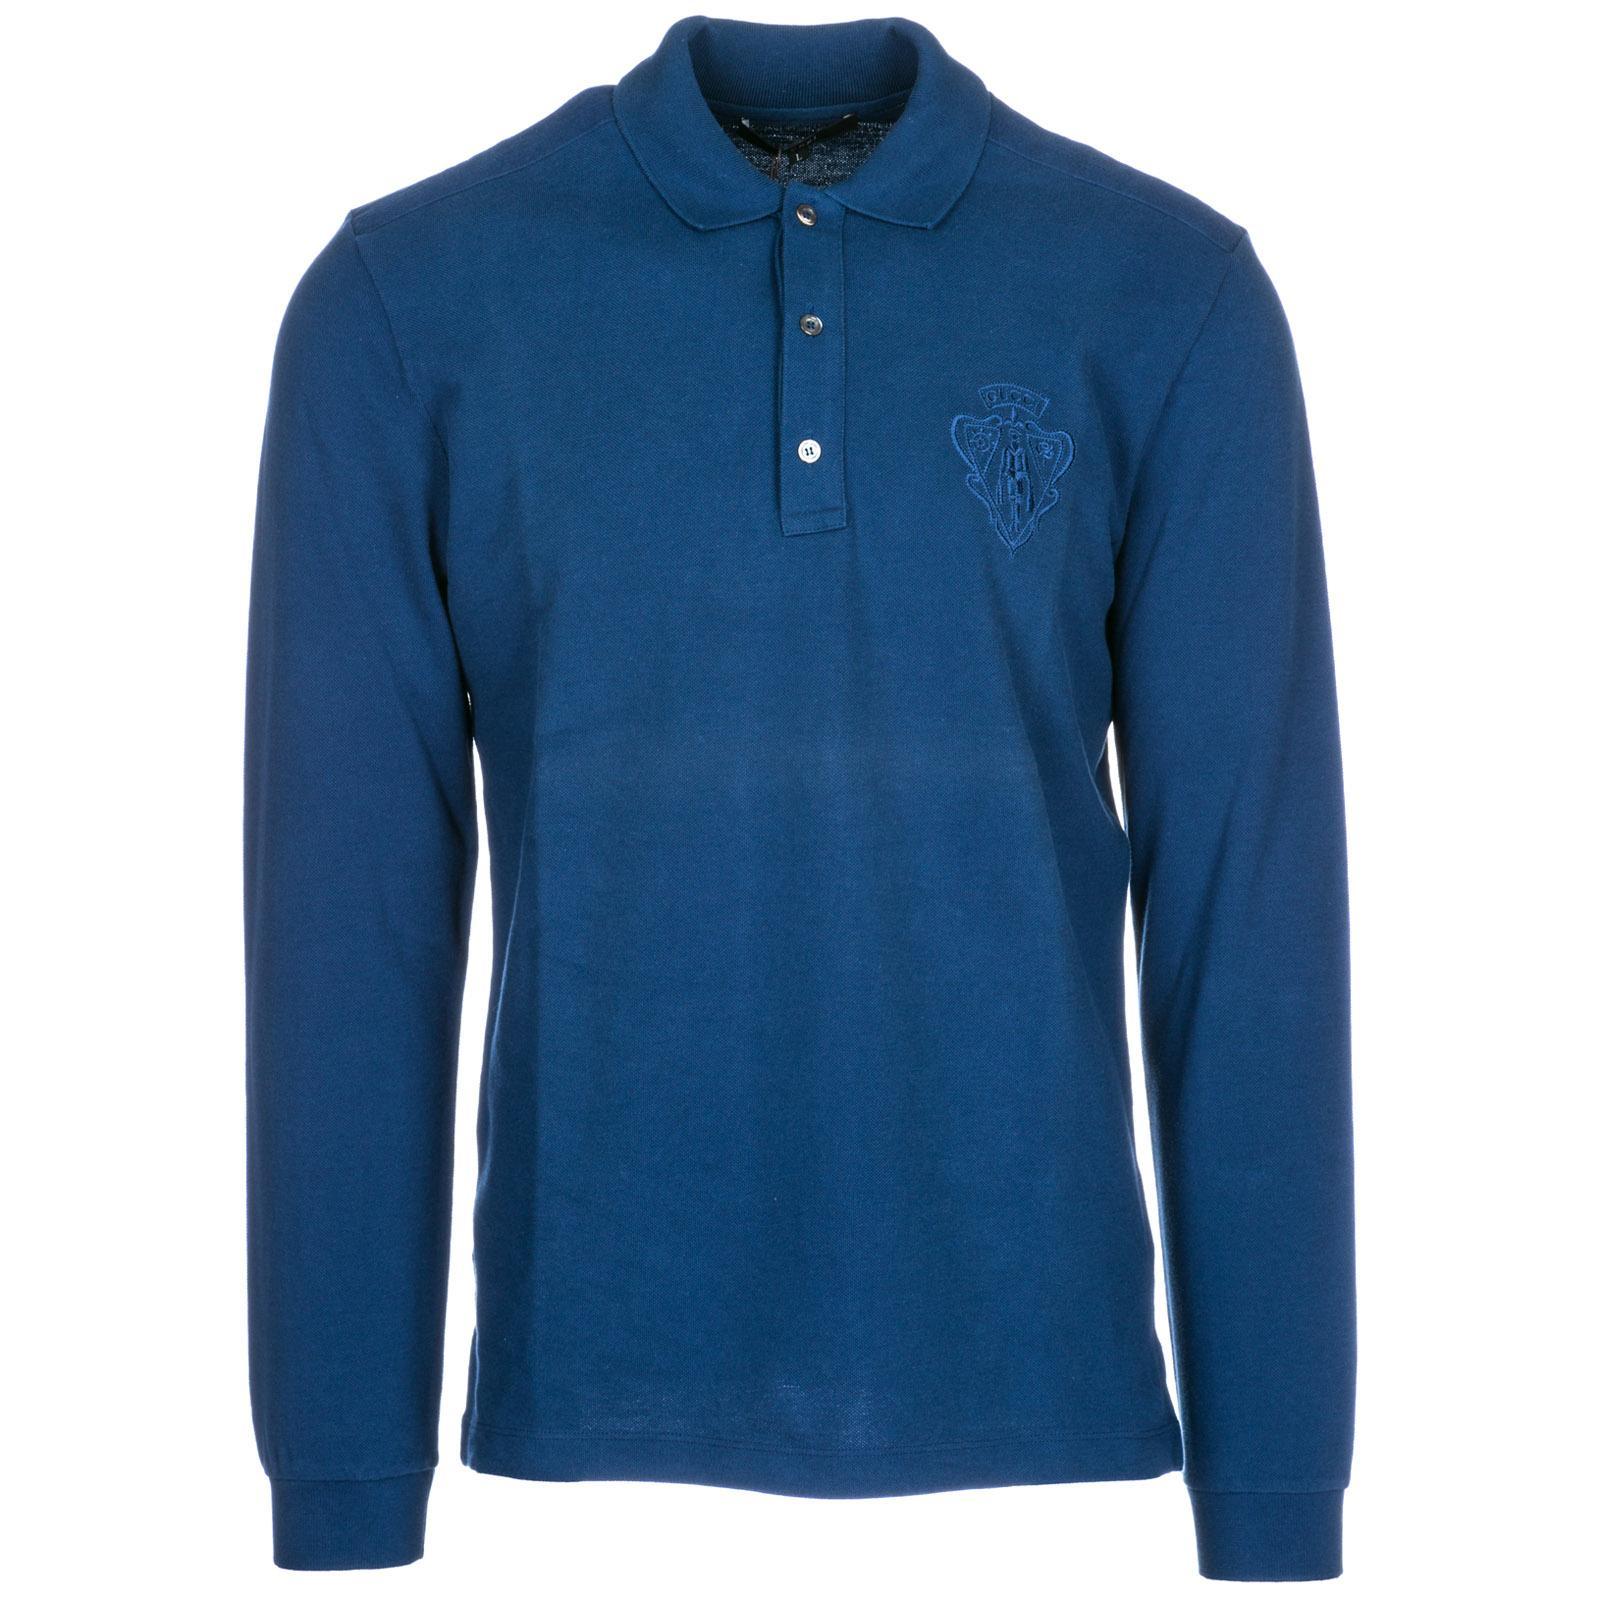 26934c9e6e67 Gucci Men's Long Sleeve T-Shirt Polo Collar In Blue | ModeSens